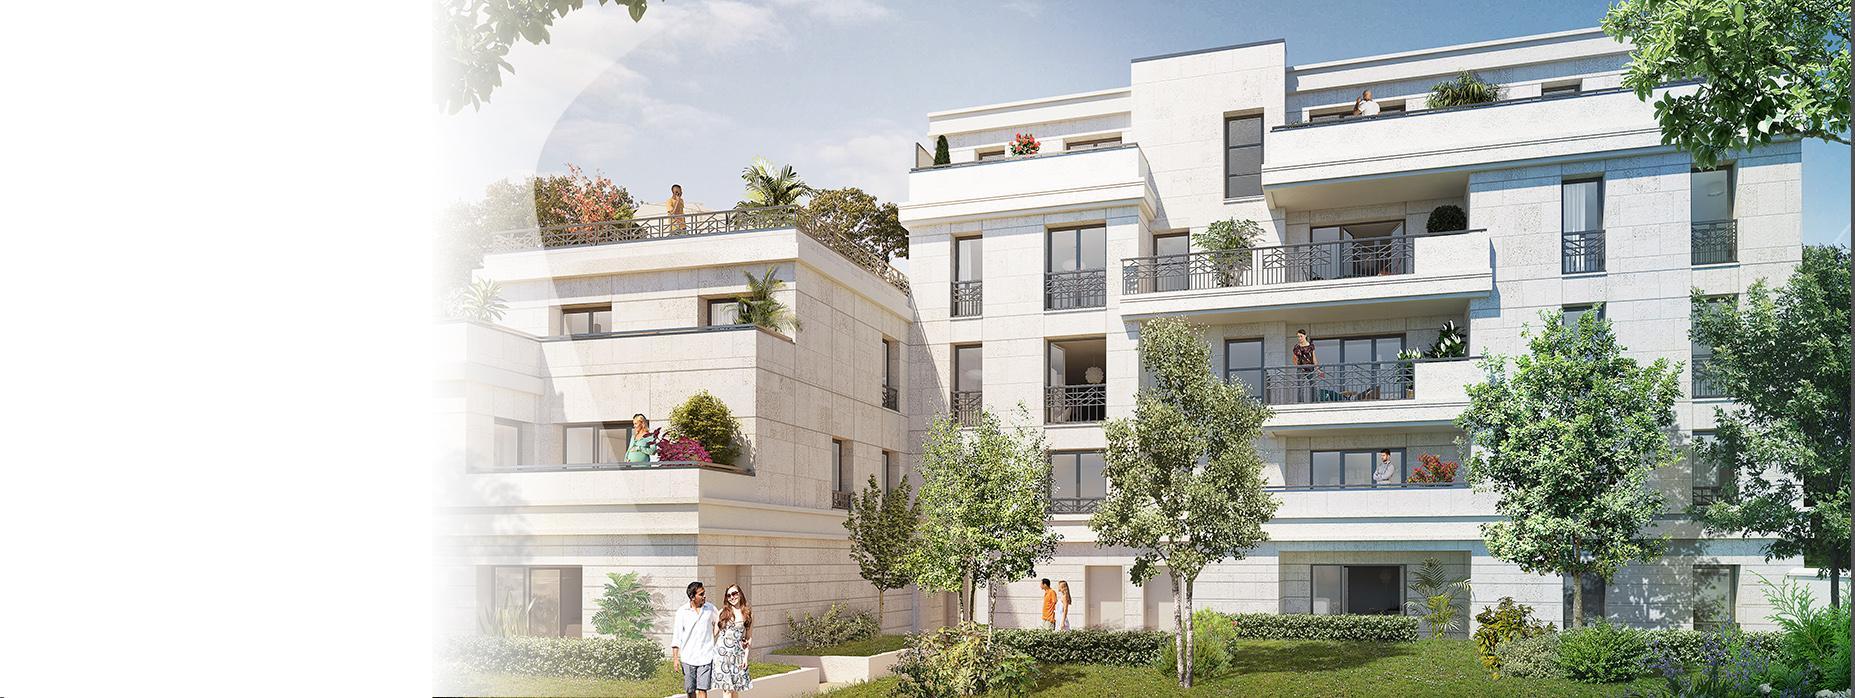 Clichy appartement neuf BNPPI